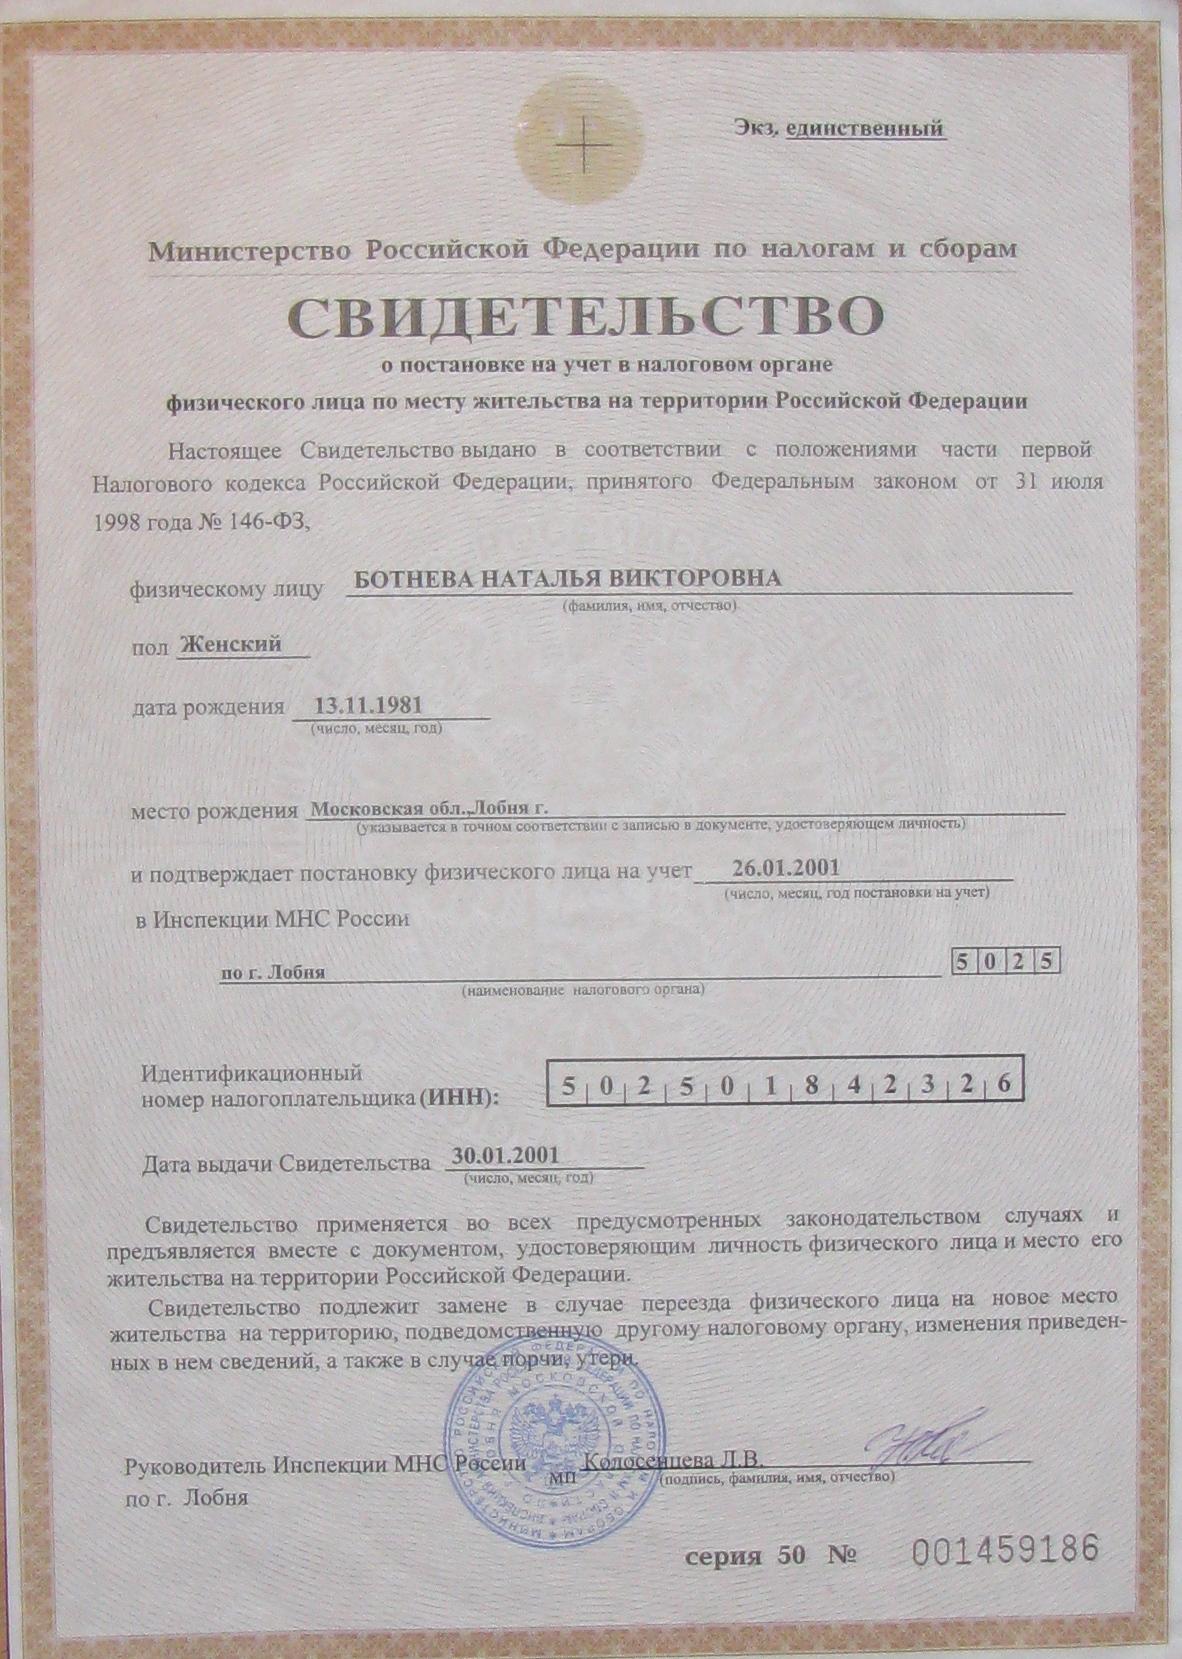 Получение ИНН (идентификационного номера) 56